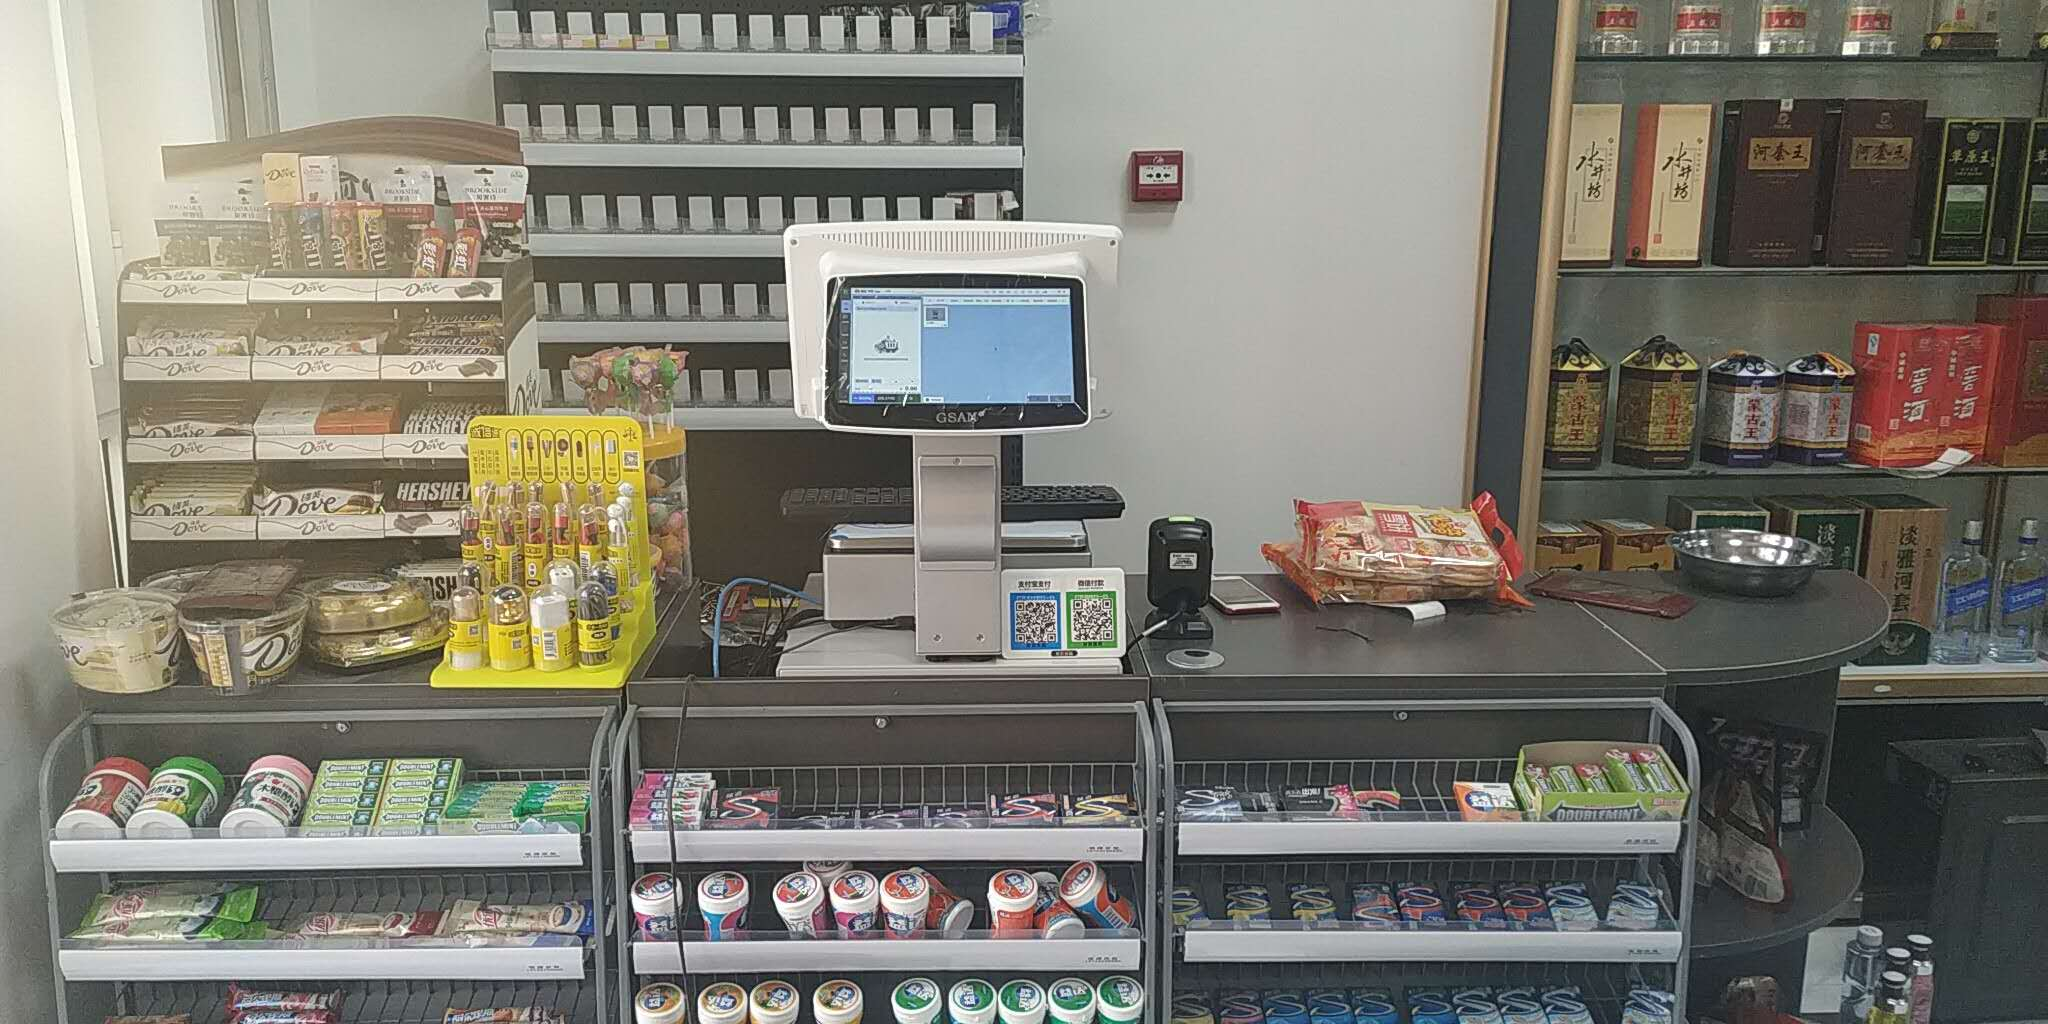 思迅天店收银系统使用案例